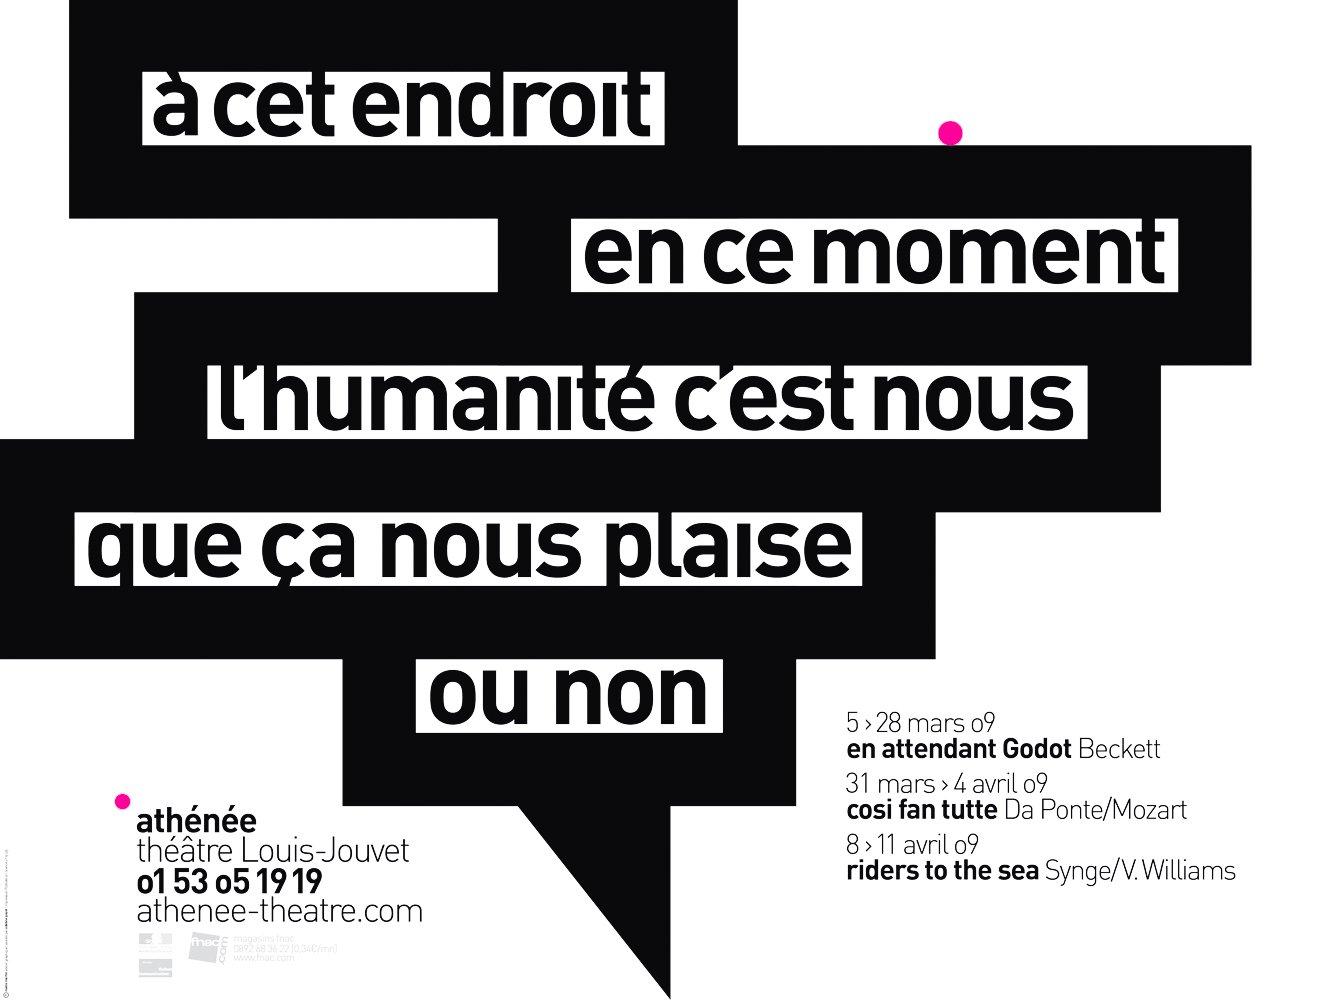 Image of Théâtre de l'Athénée - poster #4